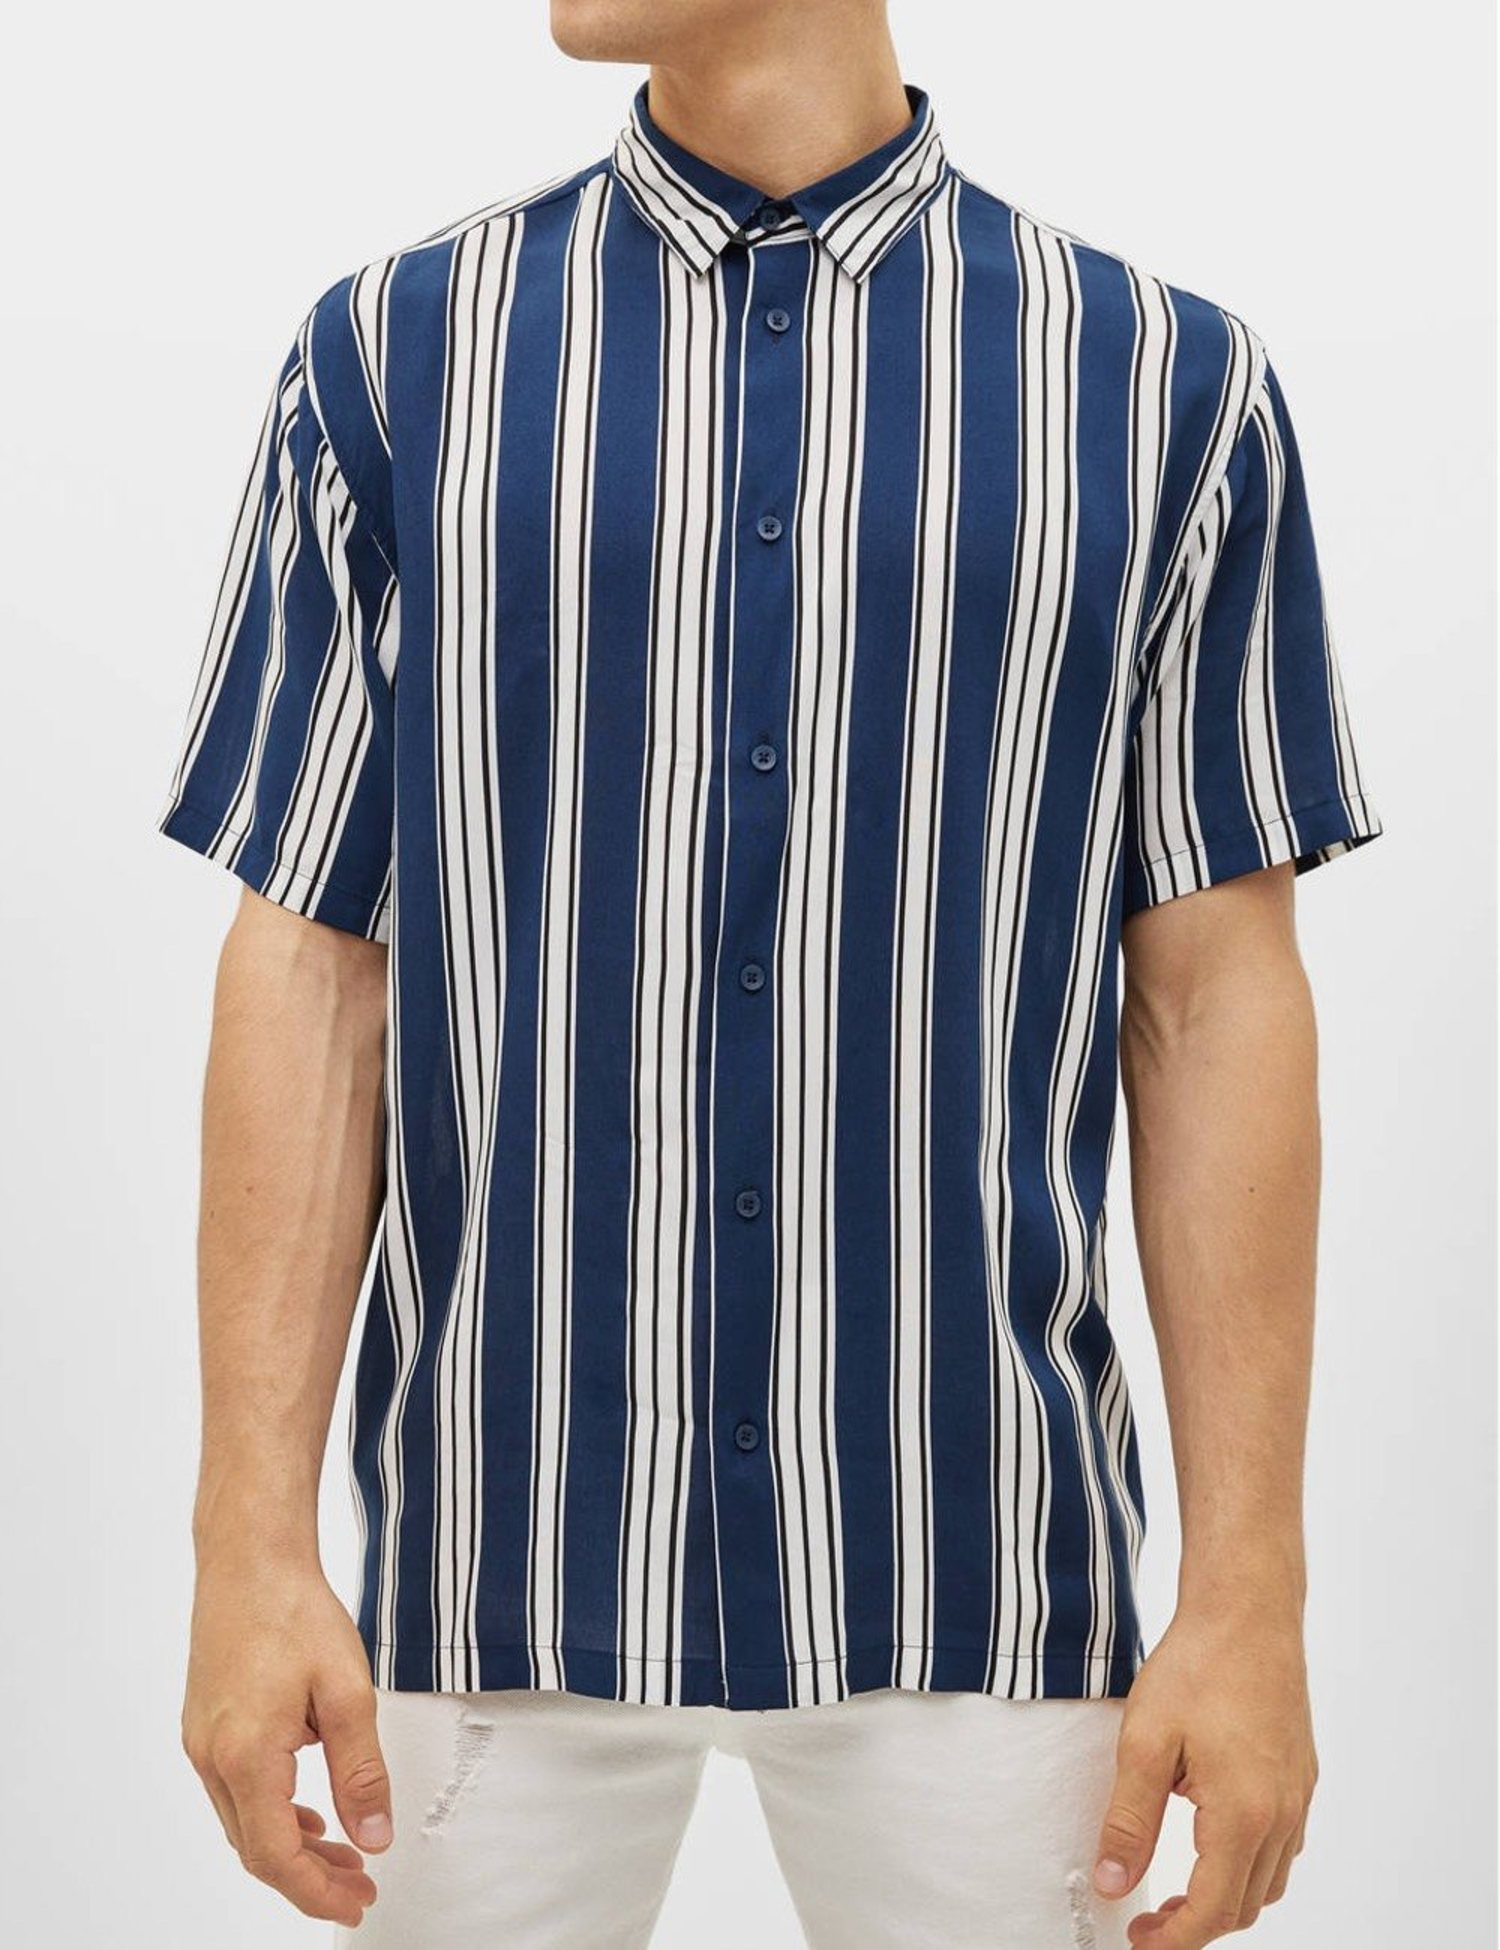 Camisa con estampado de rayas azul y blanco